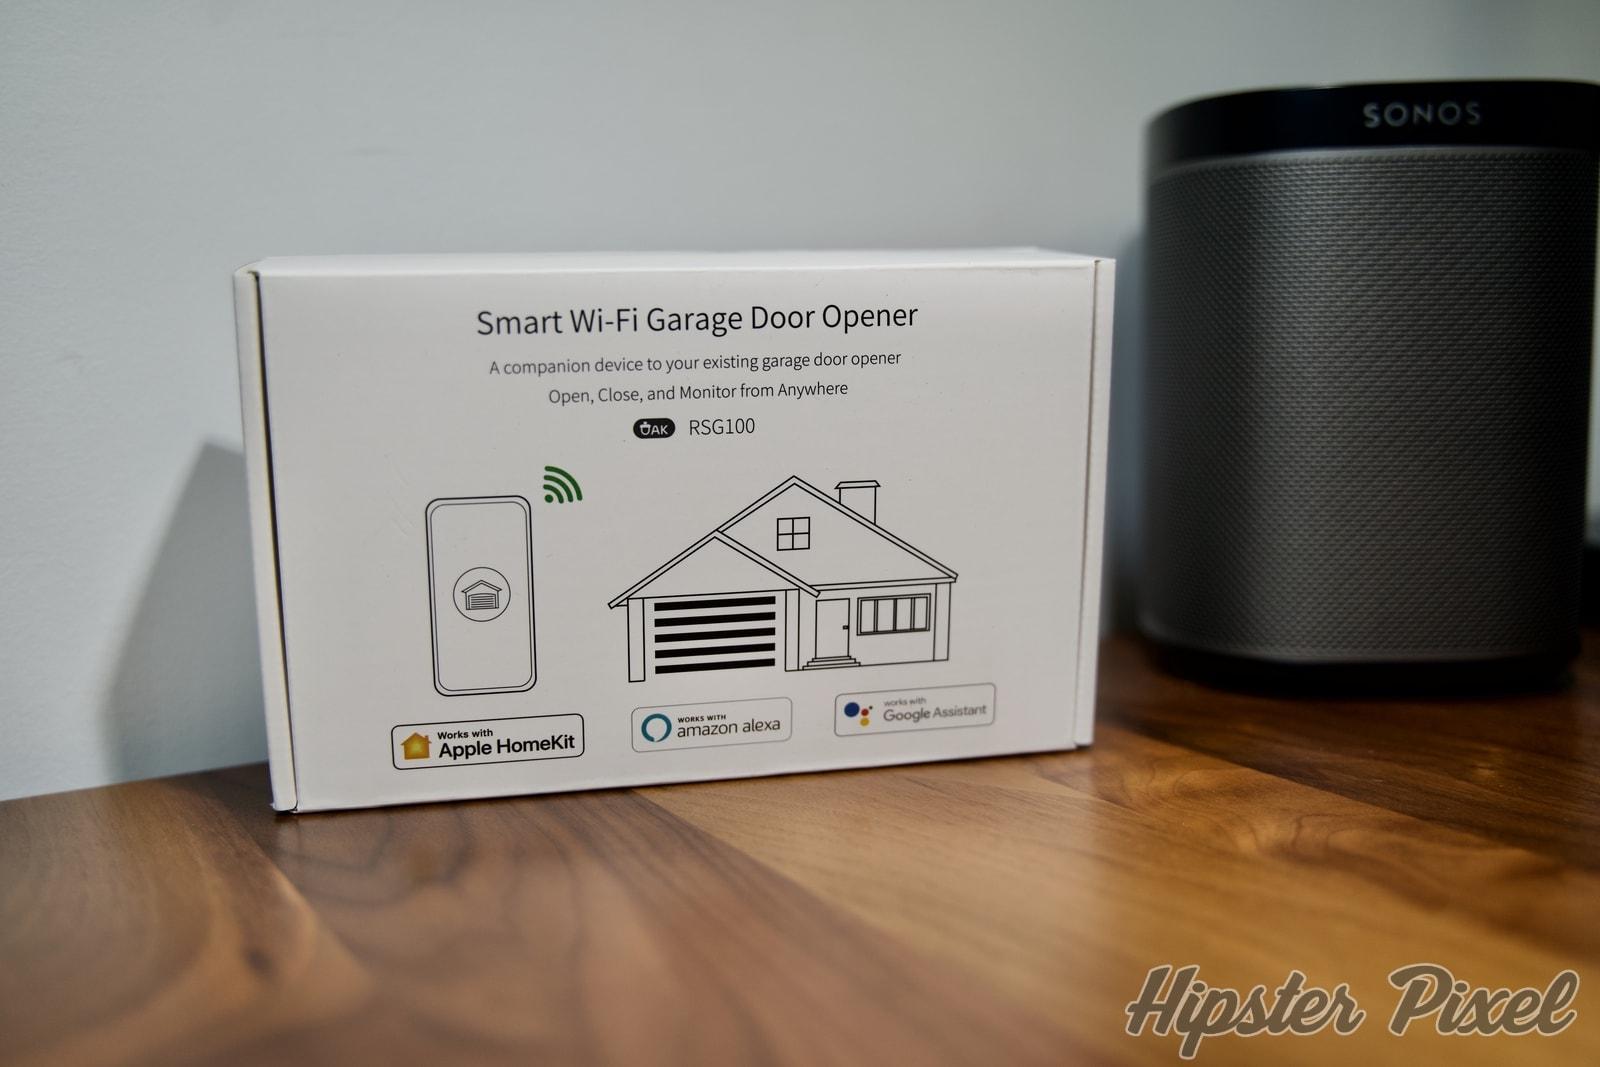 Meross Smart Wi-Fi Garage Door Opener Review